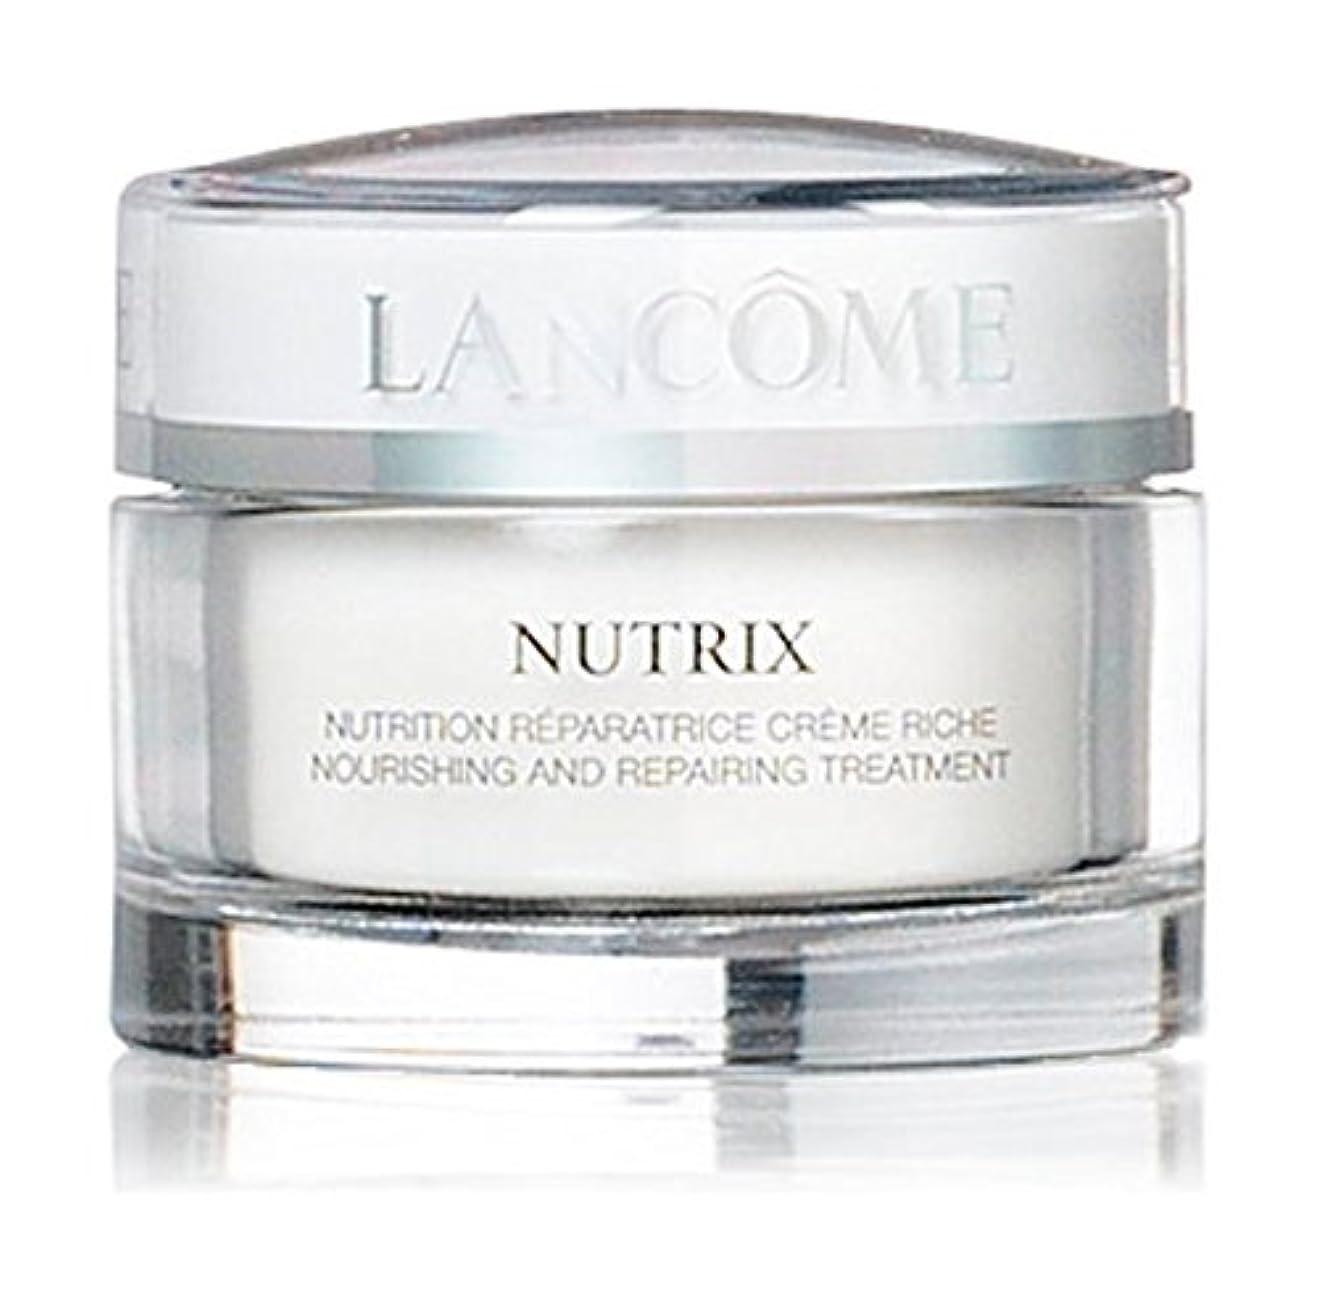 足首疾患ブロッサムランコム Nutrix Nourishing And Repairing Treatment Rich Cream - For Very Dry, Sensitive Or Irritated Skin 50ml/1.7oz...